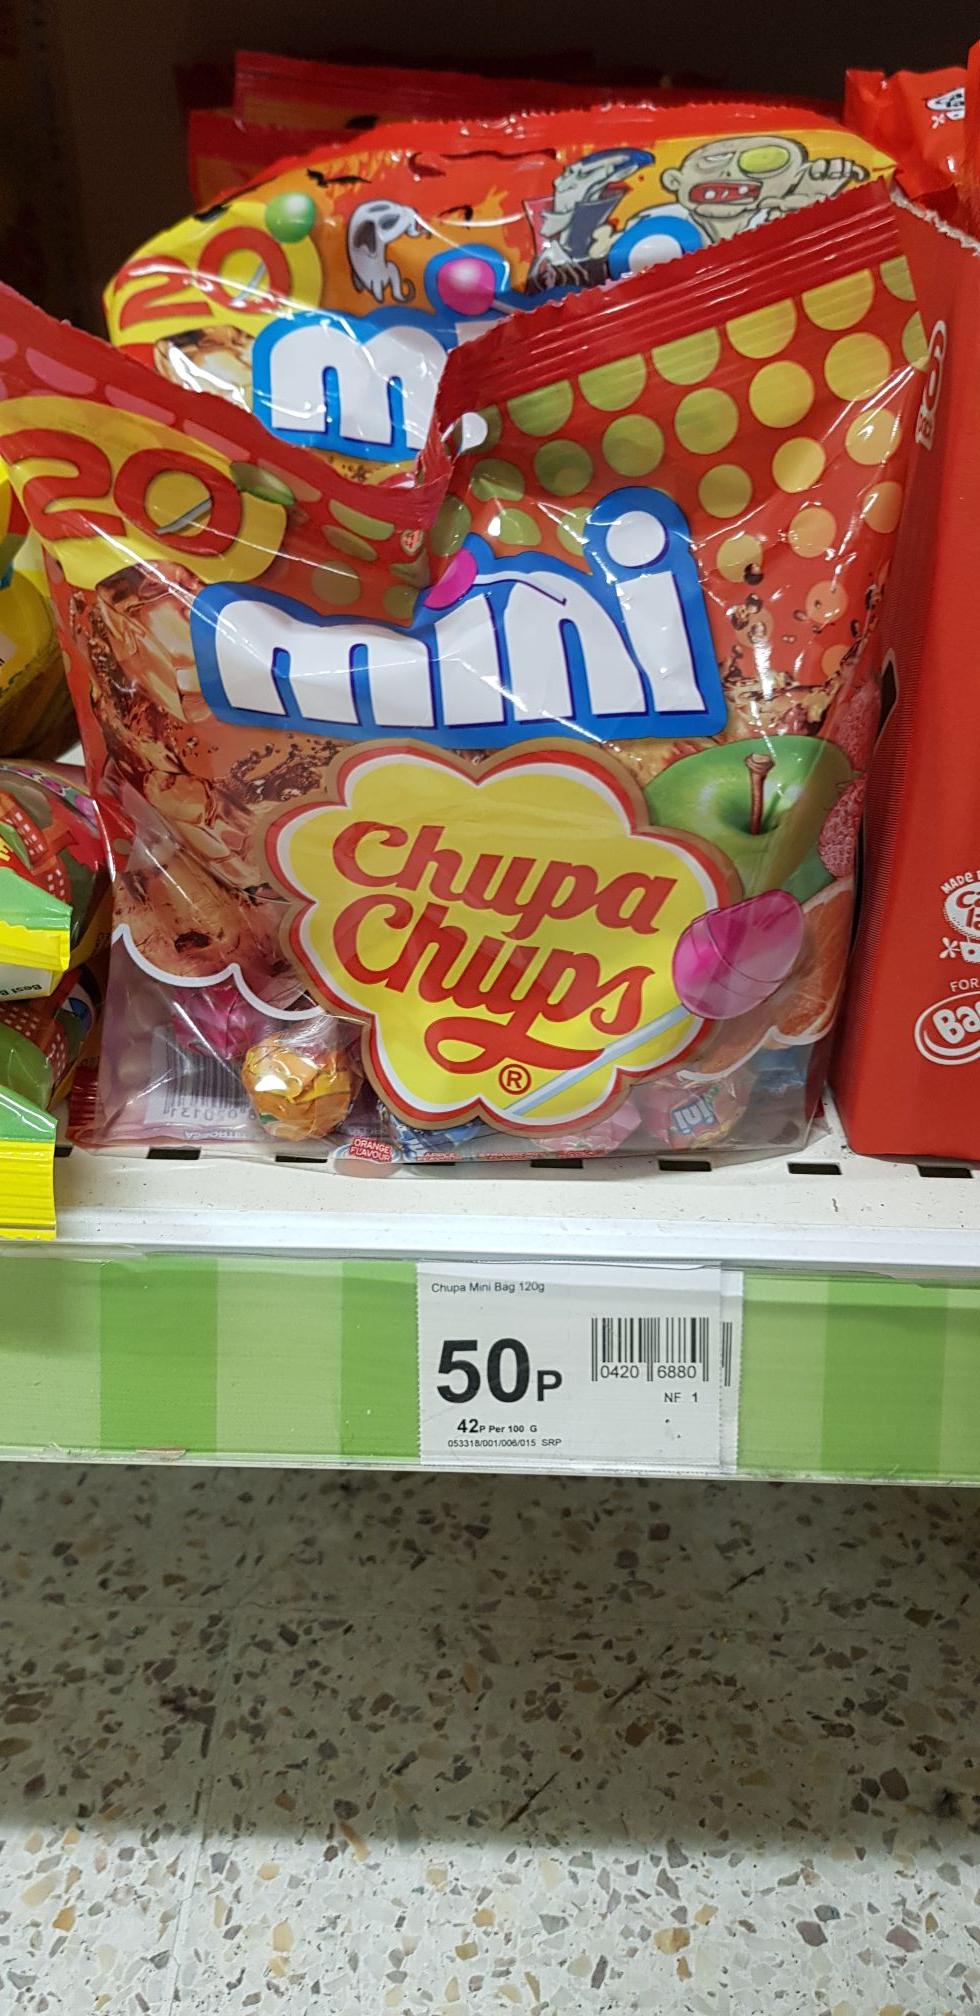 Chupa chups mini 20pack - 50p instore @ wilko